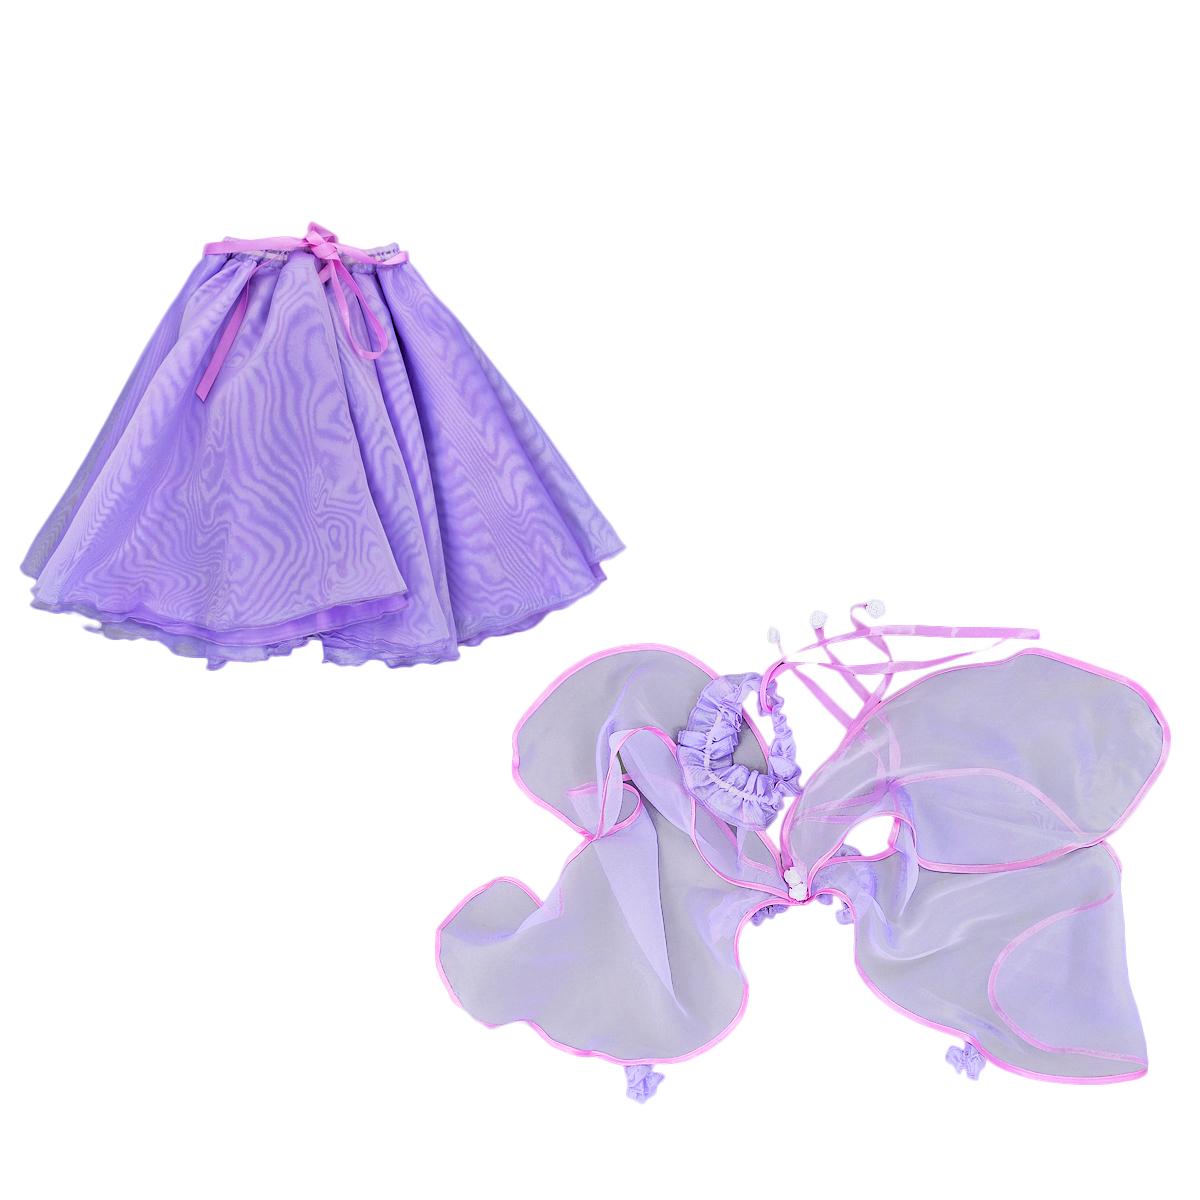 Карнавальный костюм для девочки Бабочка. 102 018102 018Карнавальный костюм для девочки Вестифика Бабочка позволит вашей малышке быть самой красивой девочкой на детском утреннике, бале-маскараде или карнавале. Костюм состоит из юбочки, крыльев и повязки, выполненных из 100% полиэстера. Пышная юбочка на талии имеет широкую эластичную резинку. Изделие дополнено двойным подъюбником и украшено текстильными ленточками, завязывающими в бантик. Текстильные бескаркасные крылышки дополнены эластичными резиночками, одевающимися на ручки, а также маленькими резиночками, одевающимися на запястья. Крылья украшены декоративными цветочками и текстильными ленточками. Дополнит образ очаровательная повязка, присбореннная на эластичную резинку. Повязка оформлена текстильными ленточками, имитирующими рожки. На карнавальной вечеринке ваша дочурка почувствует себя настоящей бабочкой! Такой карнавальный костюм привлечет внимание друзей вашего ребенка и подчеркнет его индивидуальность. Веселое настроение и масса положительных эмоций...